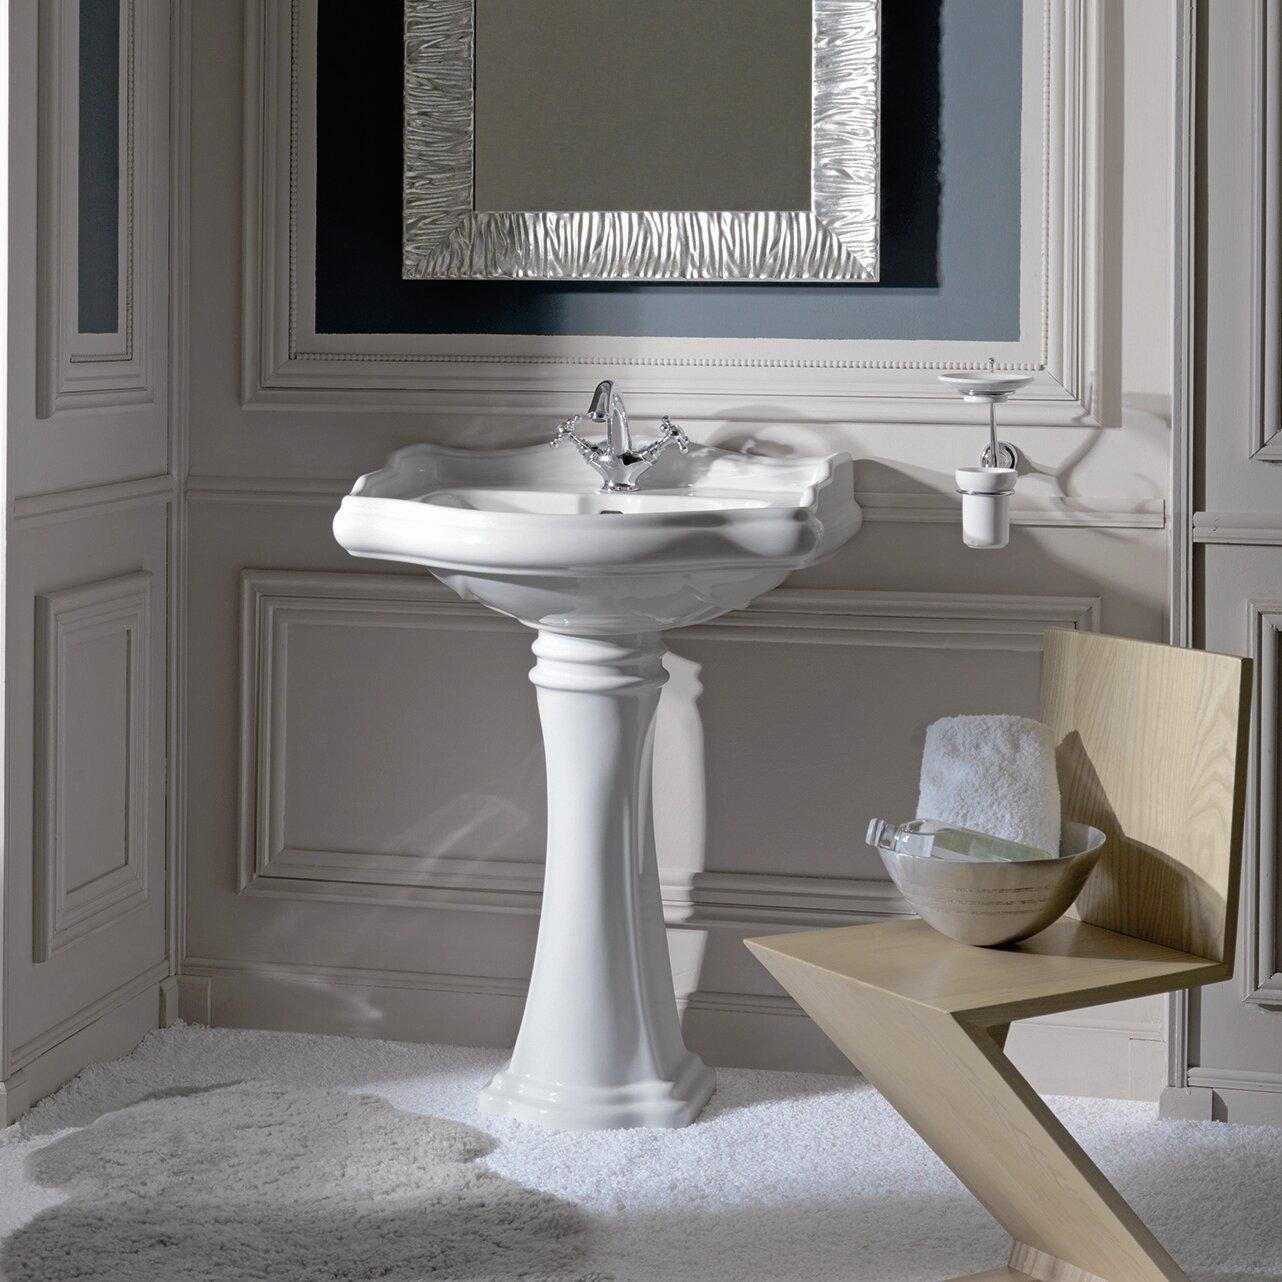 pedestal sinks you'll love   wayfair